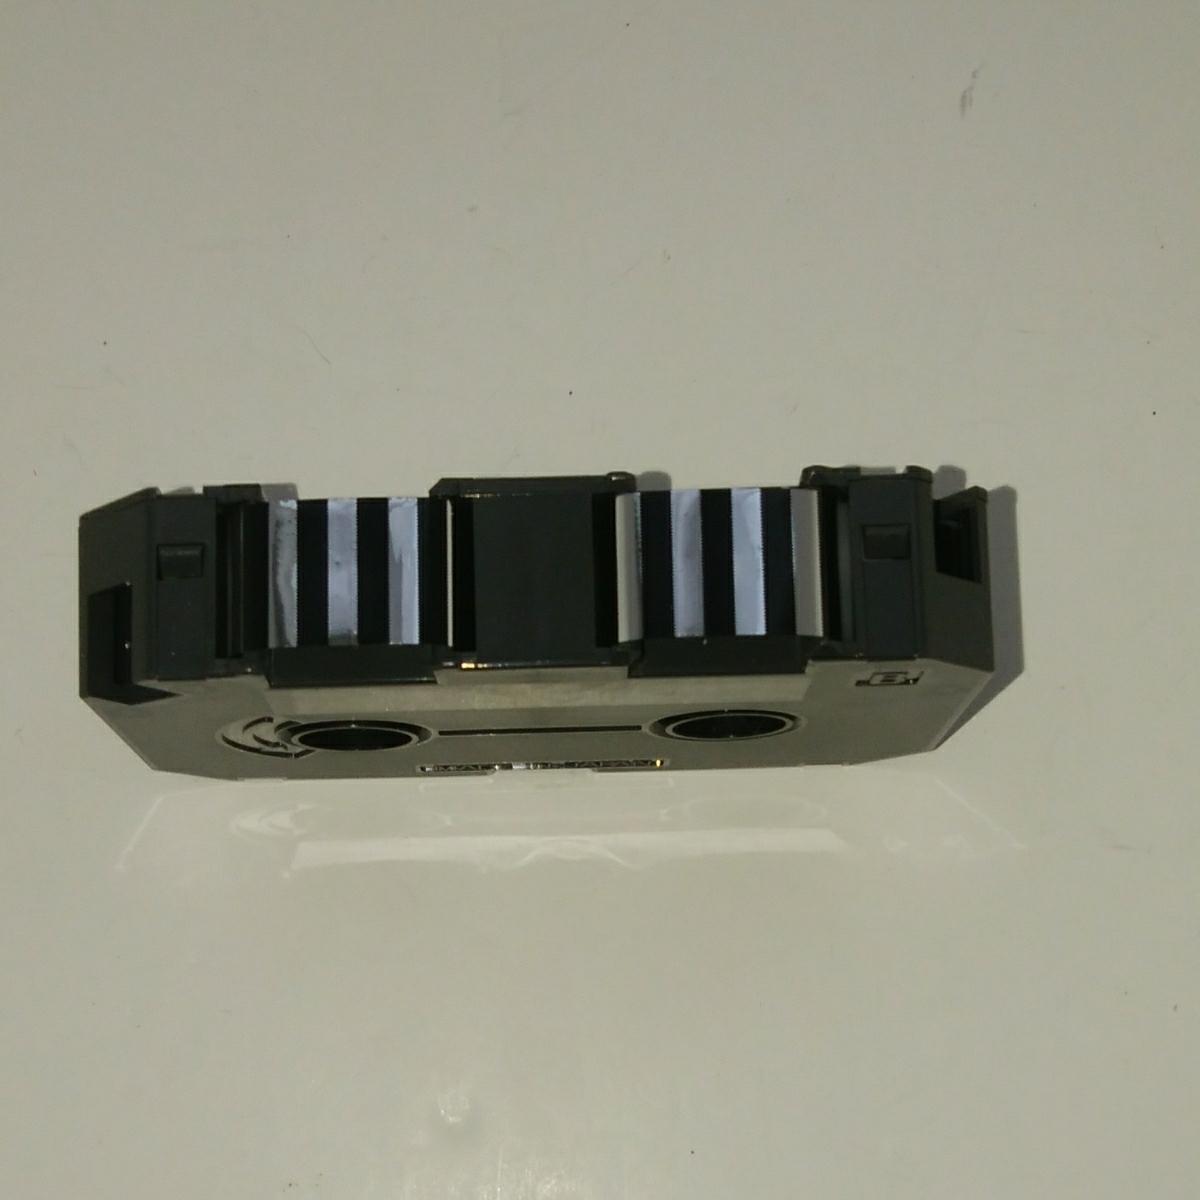 【未使用】NEC ワープロ共通インクリボン タイプW 黒 IR-W-B 1個_画像4